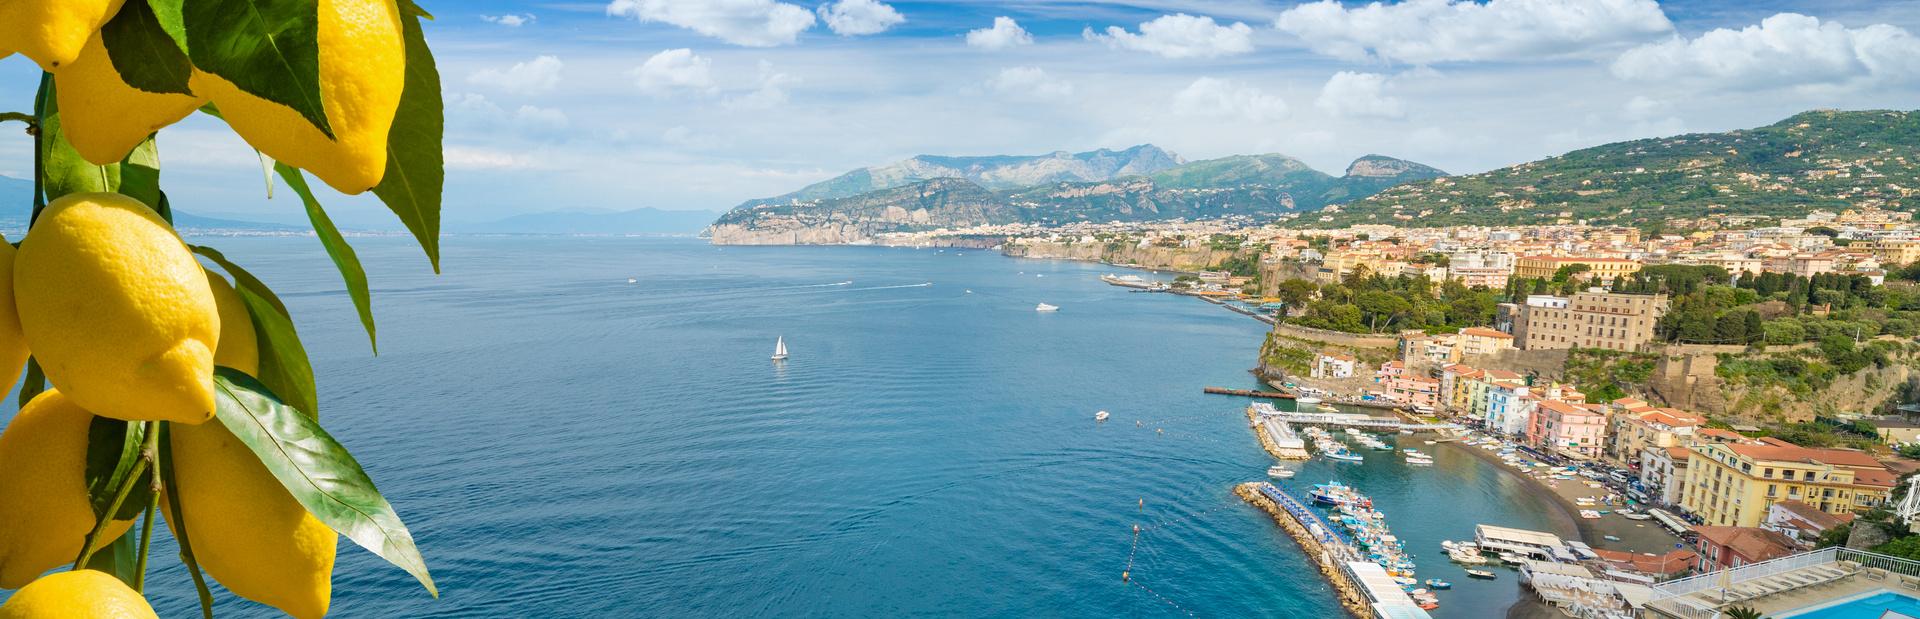 Amalfi news photo